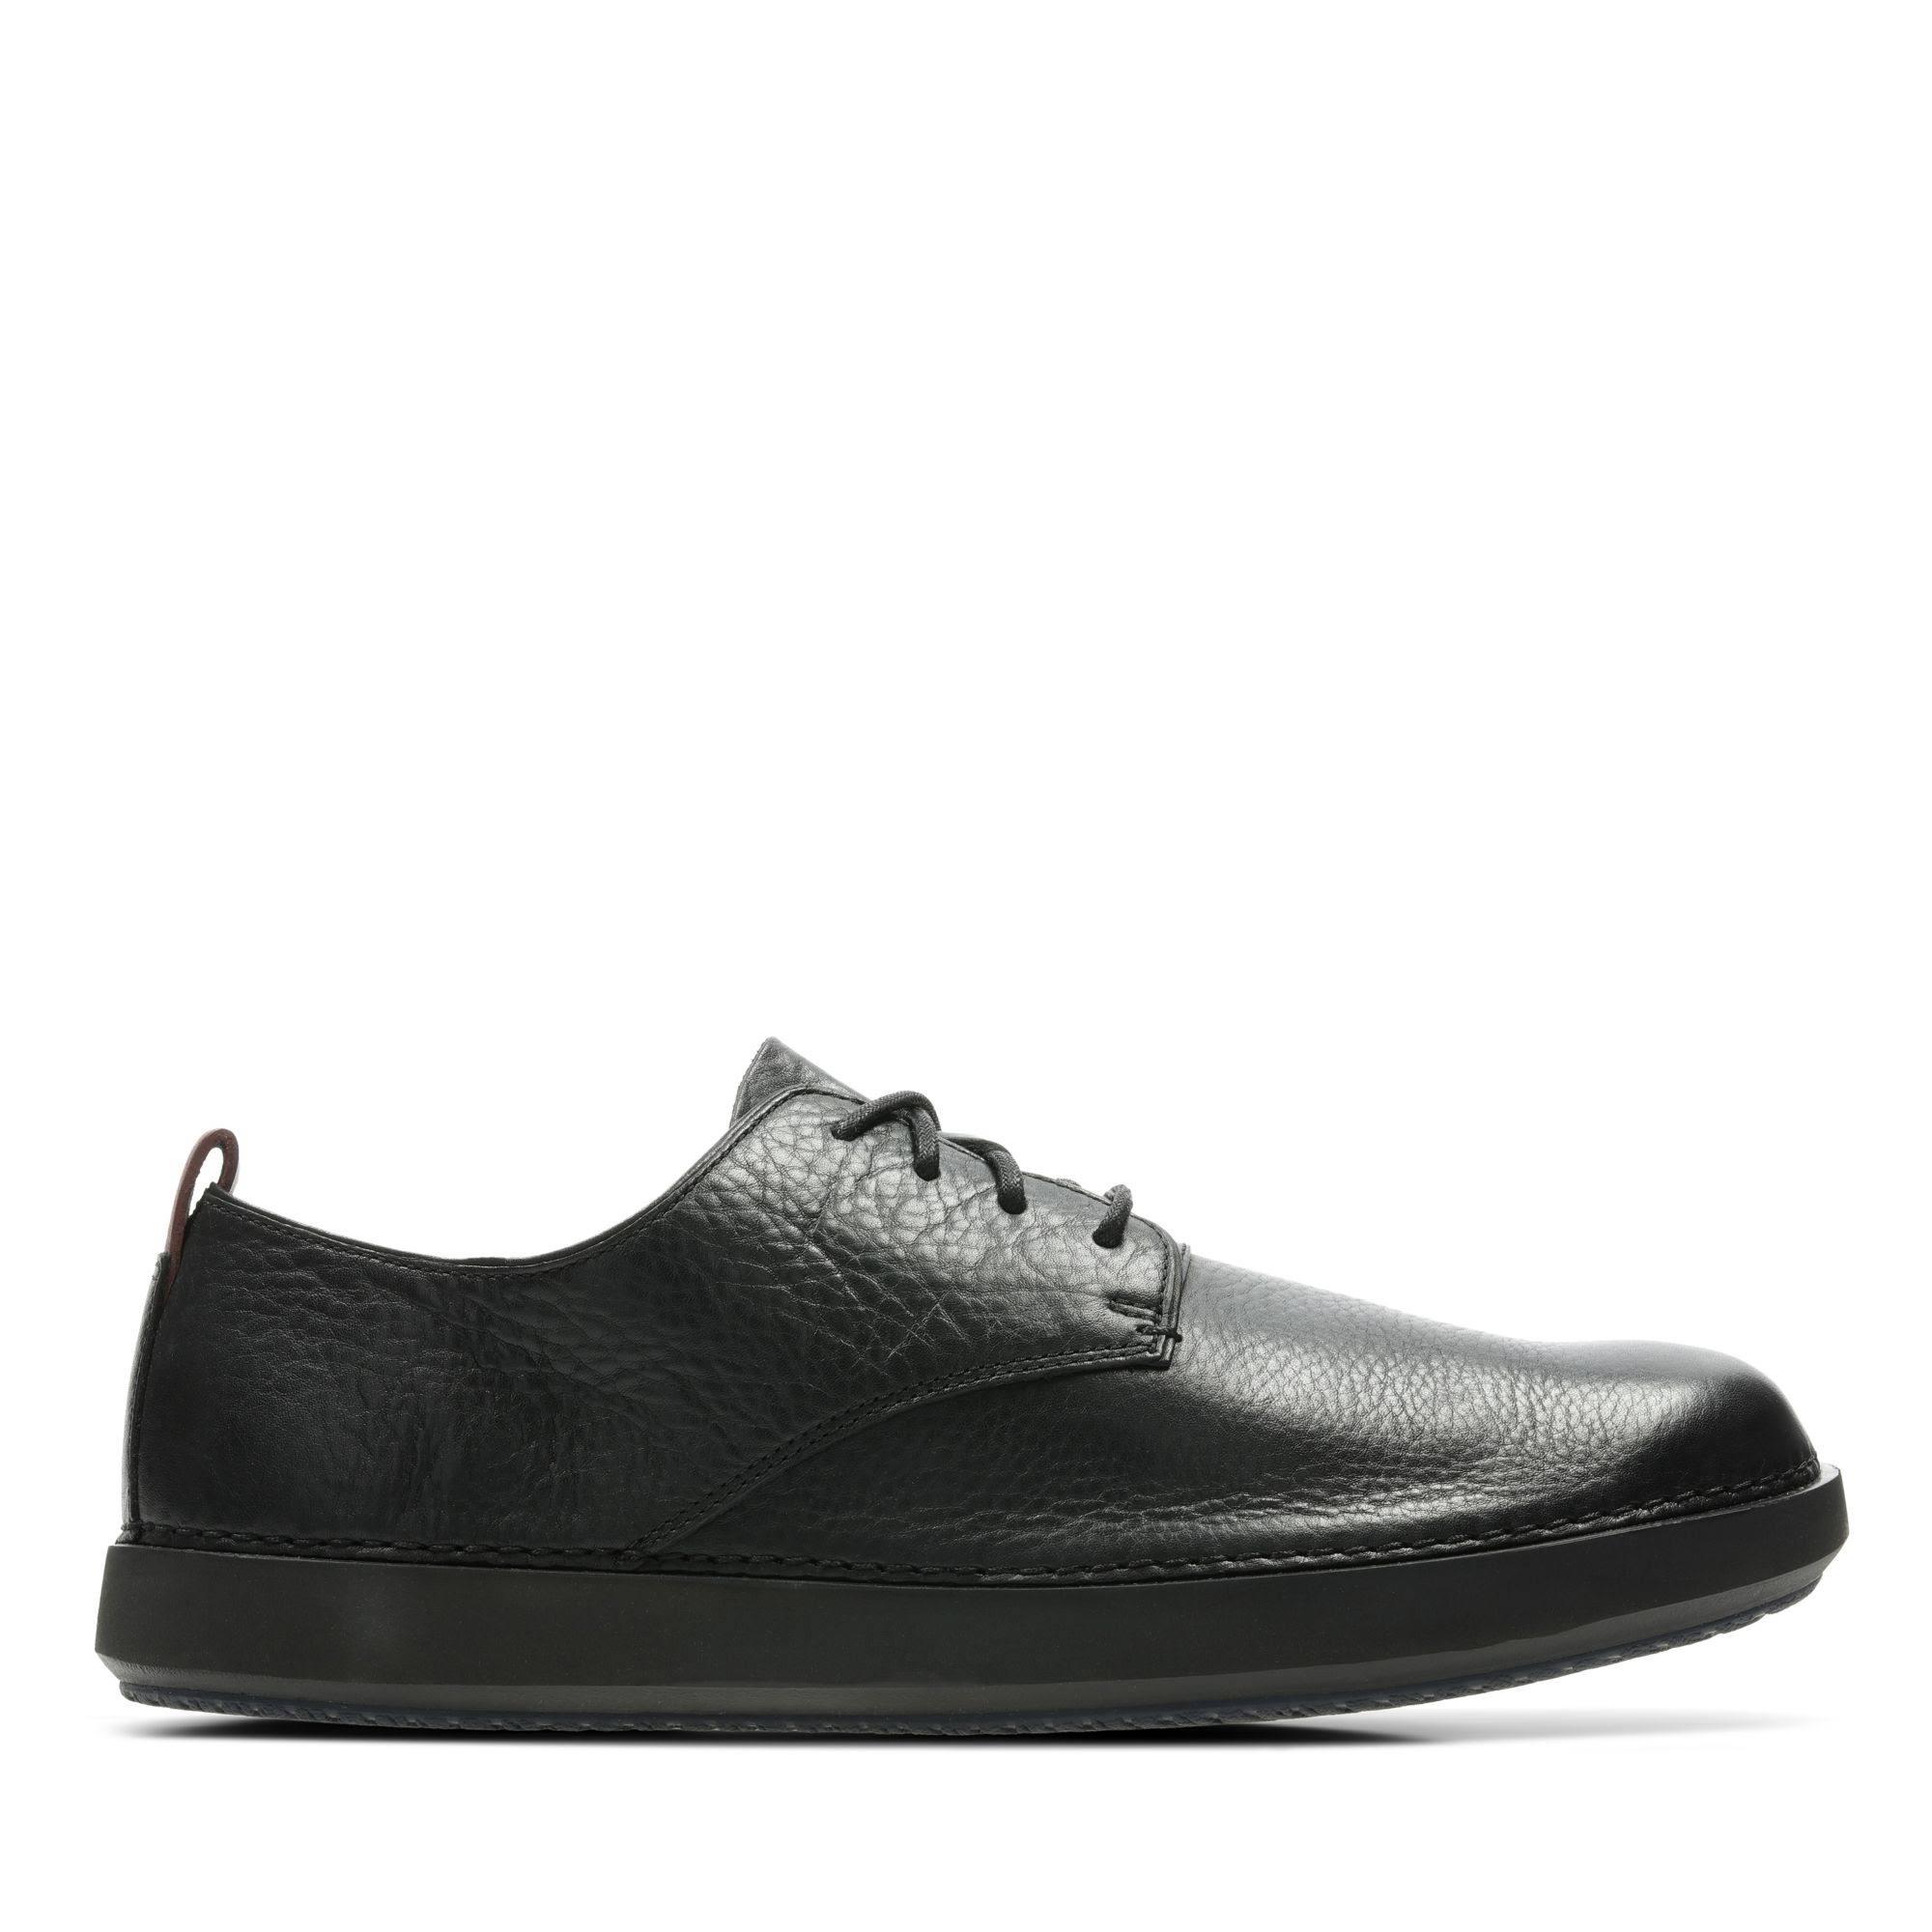 Walk Casual Clarks voor schoenen 5 Komuter KleurZwartMaat6 Zwart heren w0PkOn